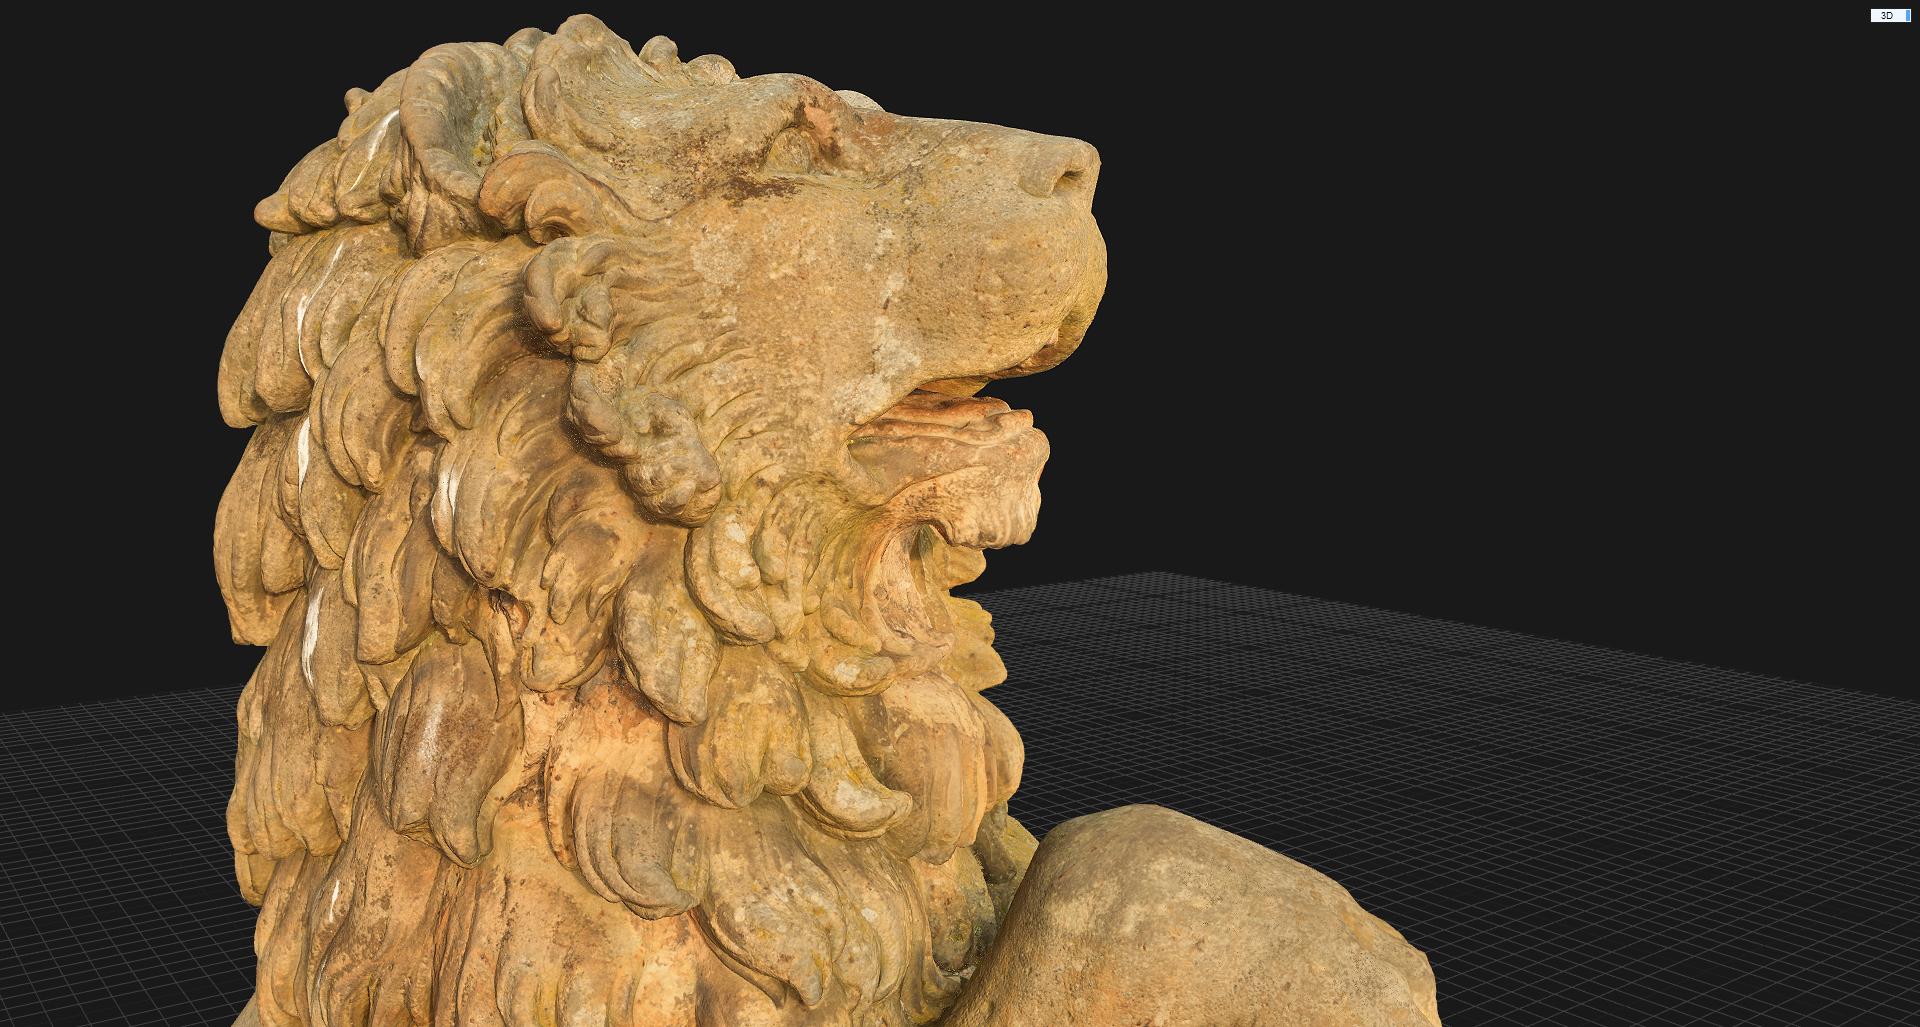 3D Scan - Screenshot